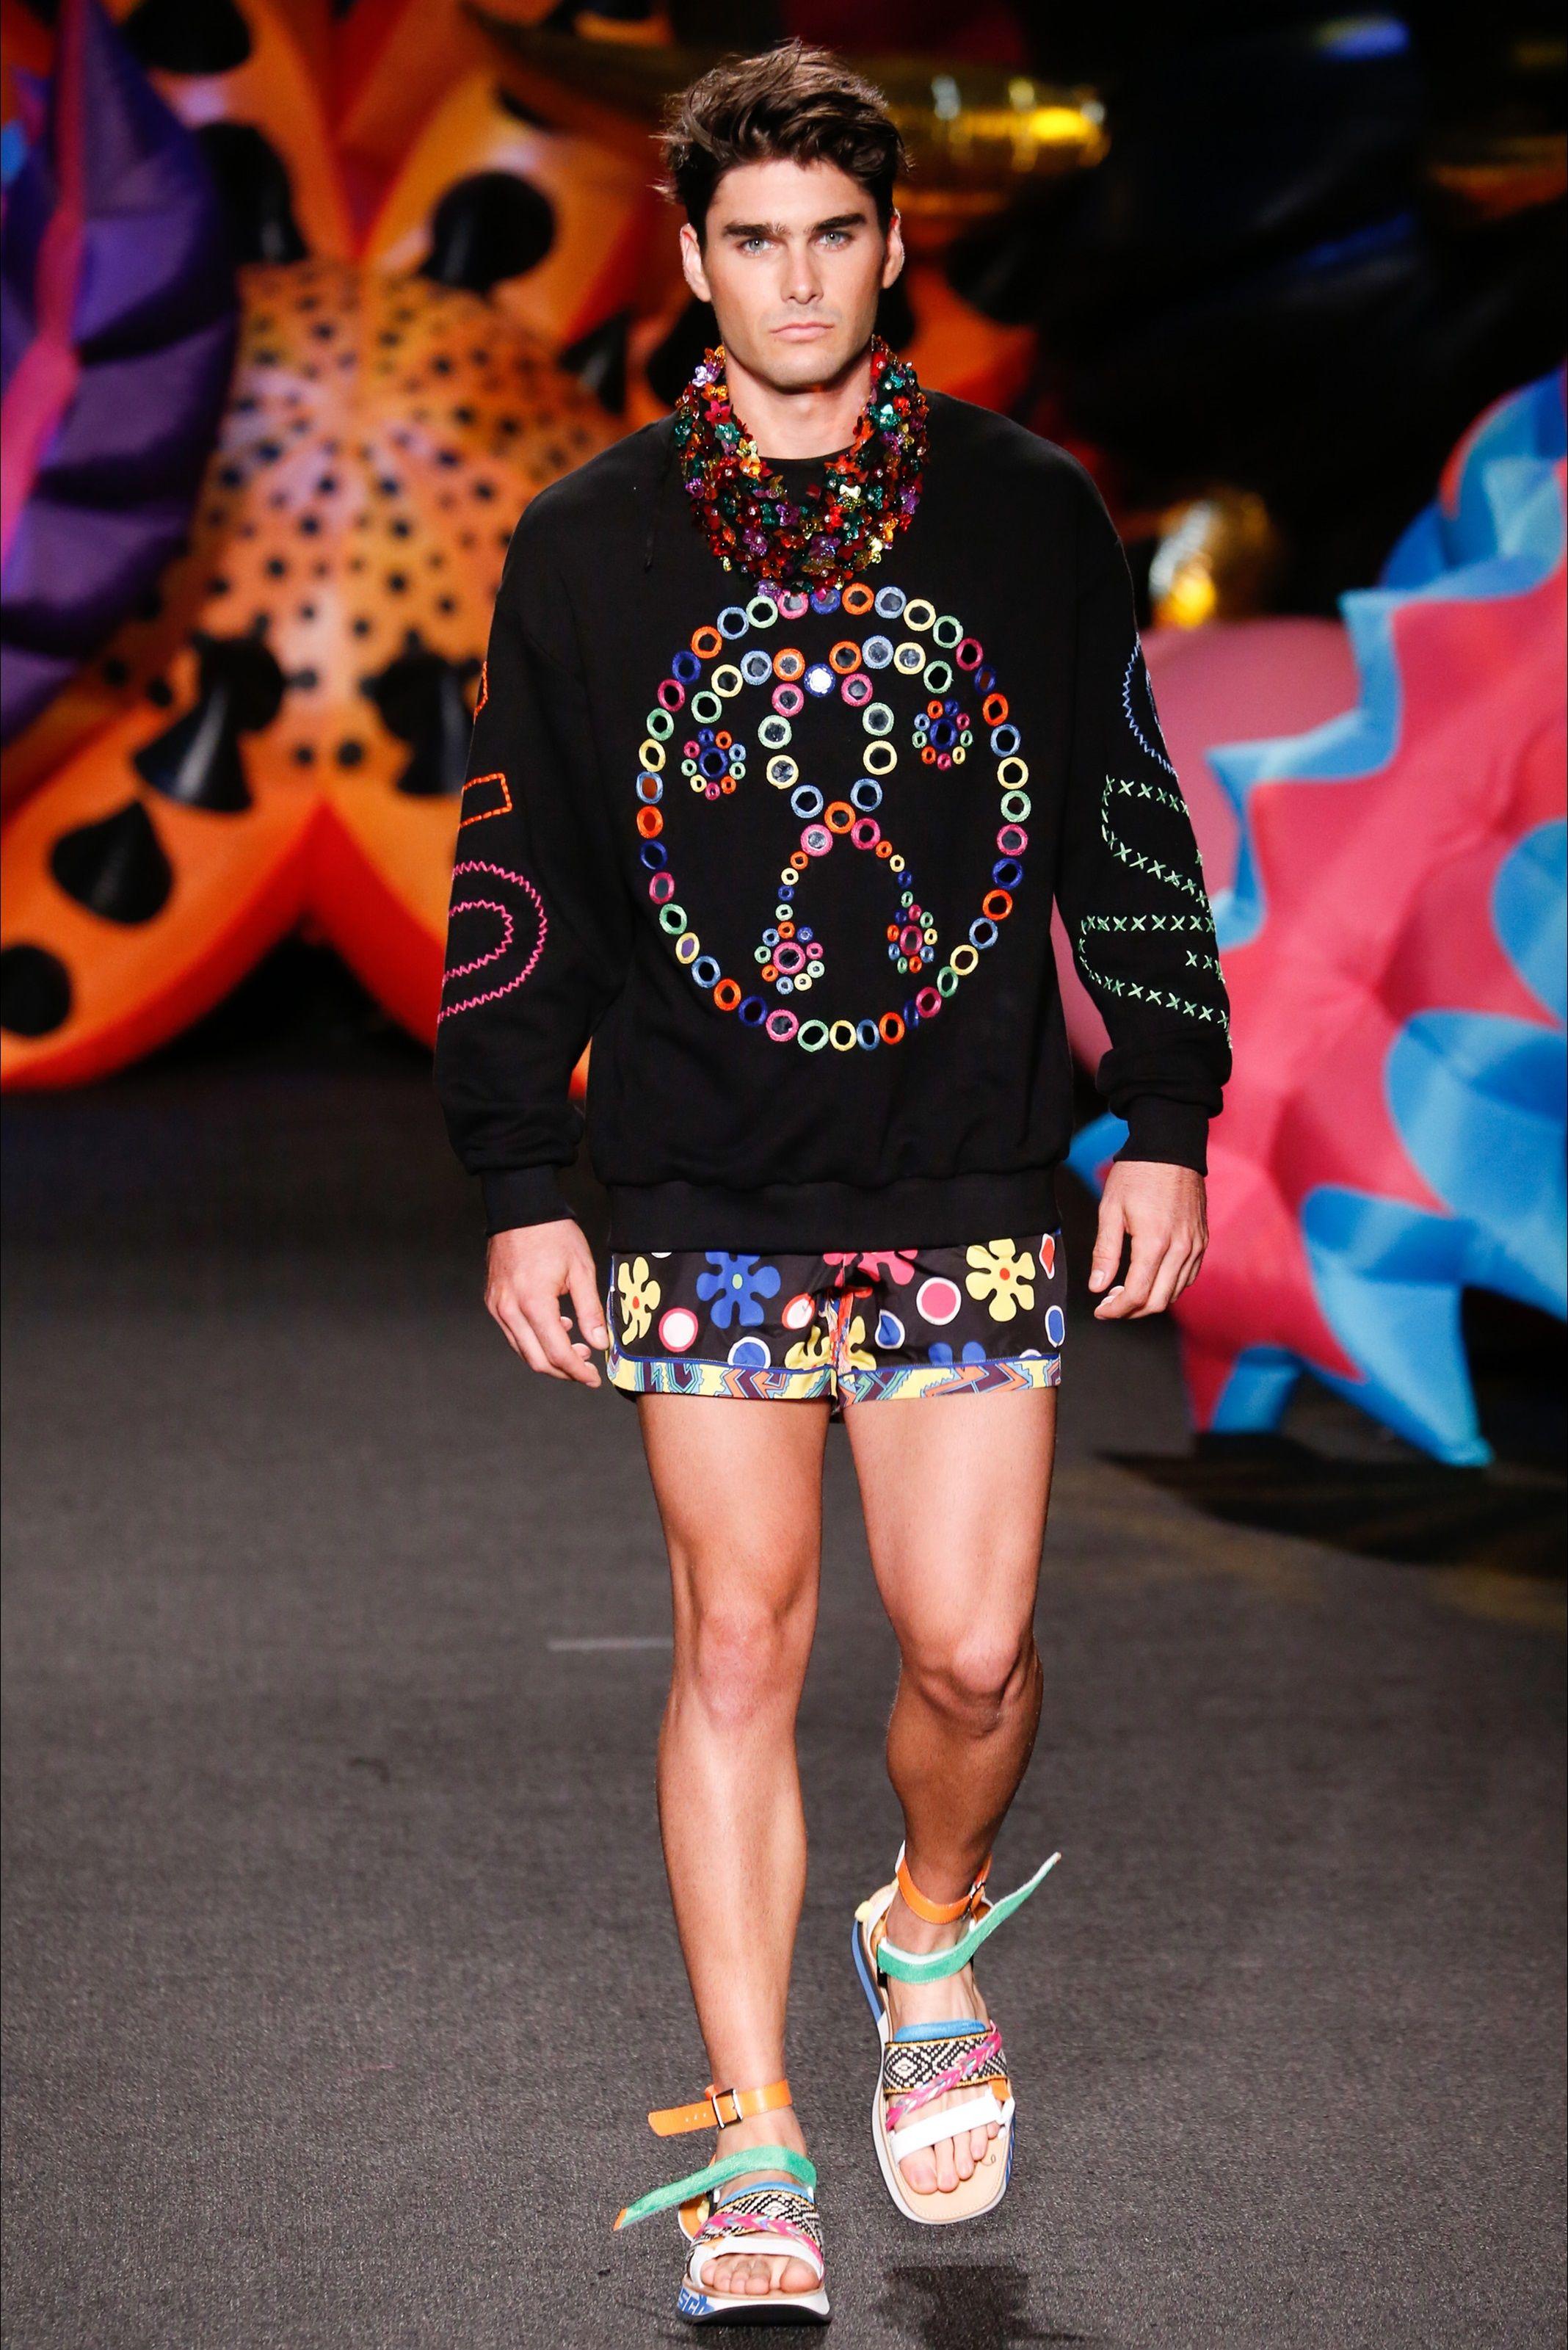 7b88b8caf9ff Sfilata Moda Uomo Moschino Los Angeles - Primavera Estate 2017 - Vogue